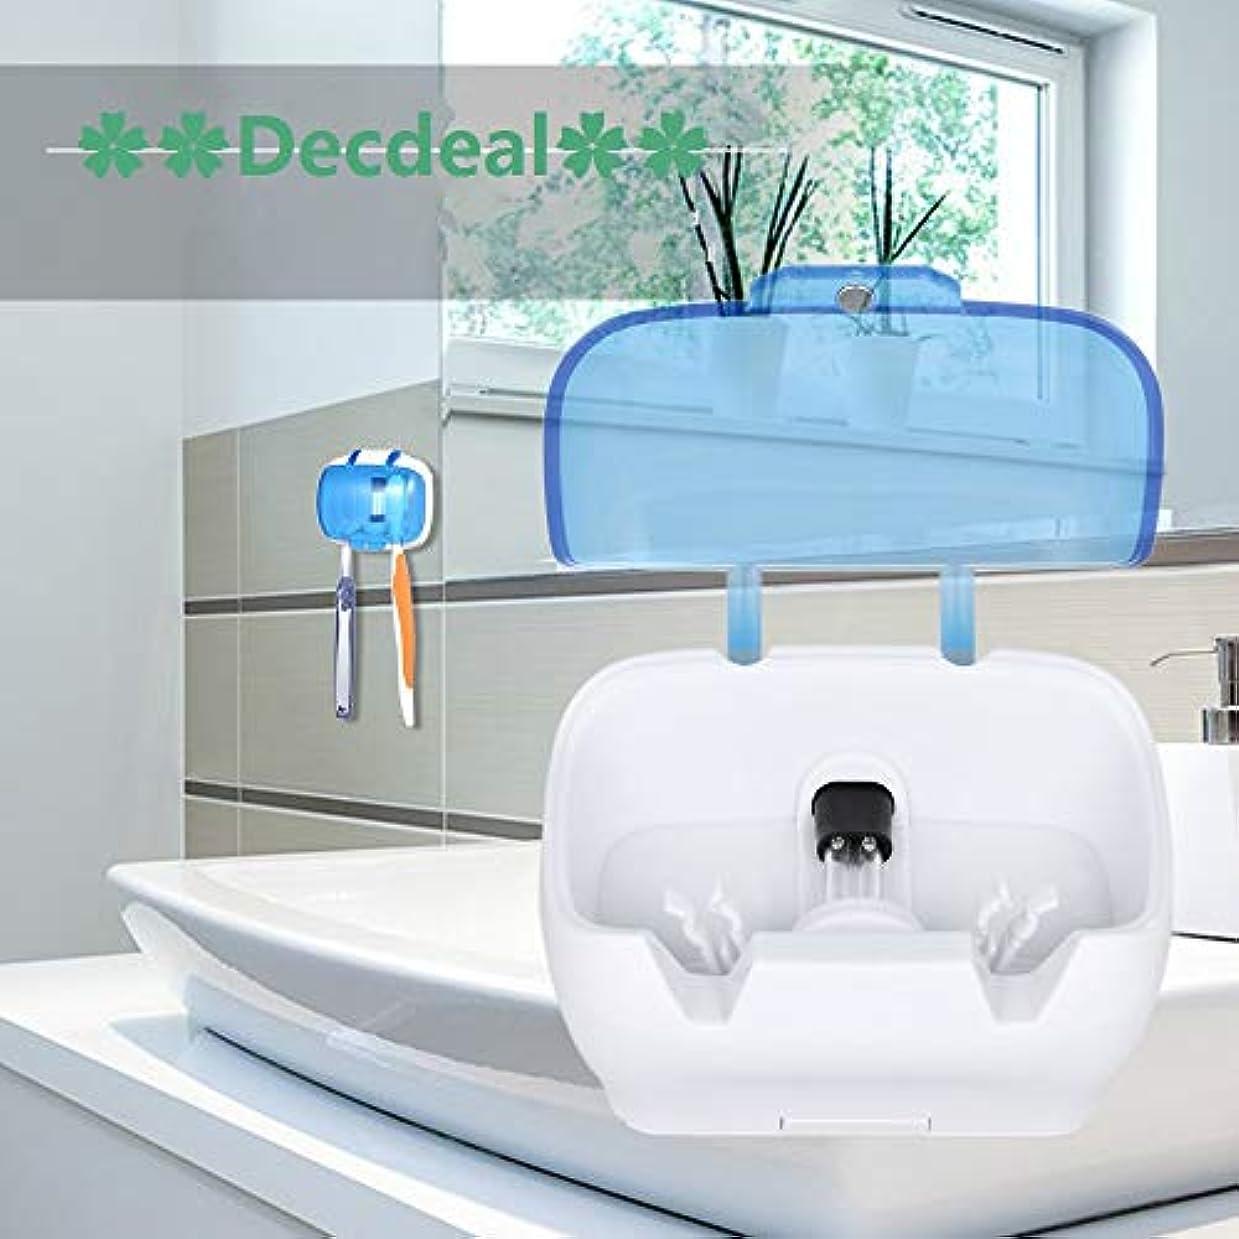 ブレーク段階ルーDecdeal UV滅菌キャビネット 多機能消毒クリーンツール プロフェッショナル ネイルアート機器トレイ 温度殺菌ツール 5W 220V USプラグ (歯ブラシUV消毒ボックス)